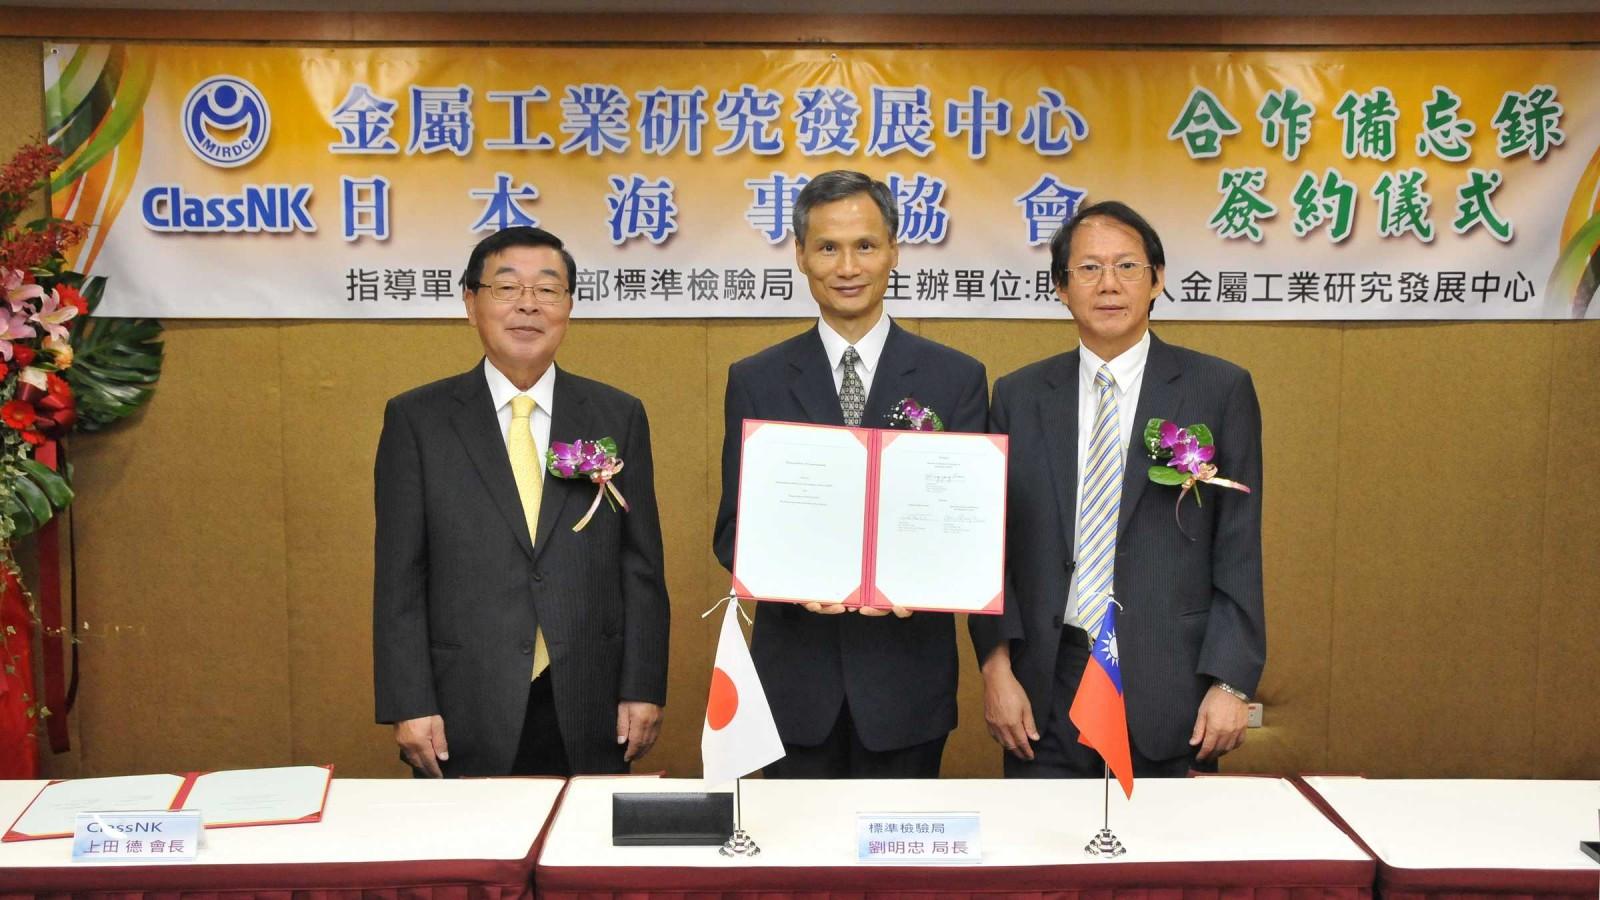 金屬中心與日本海事協會簽署MOU拓展再生能源產業